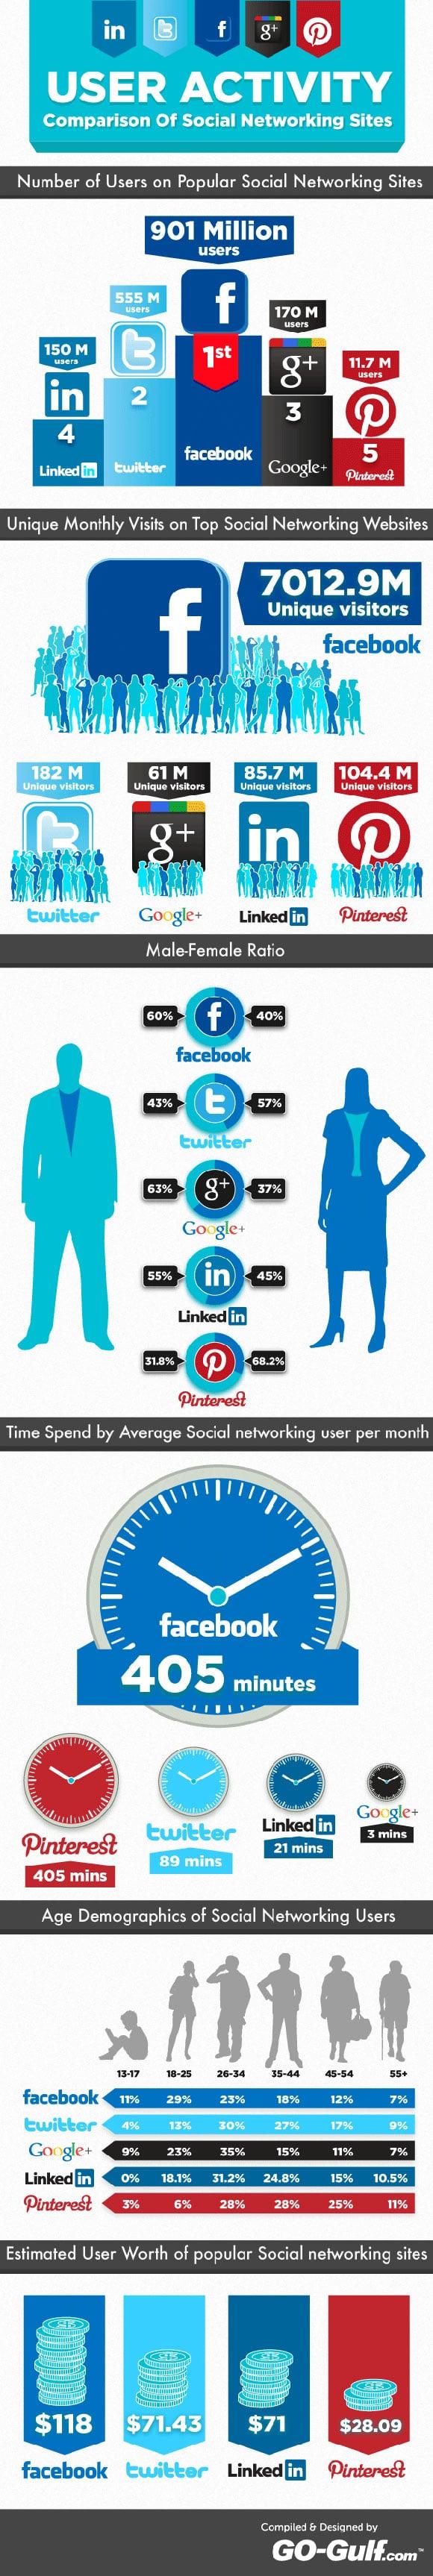 Waar zit mijn doelgroep op Social Media? Social Media doelgroep bepalen.